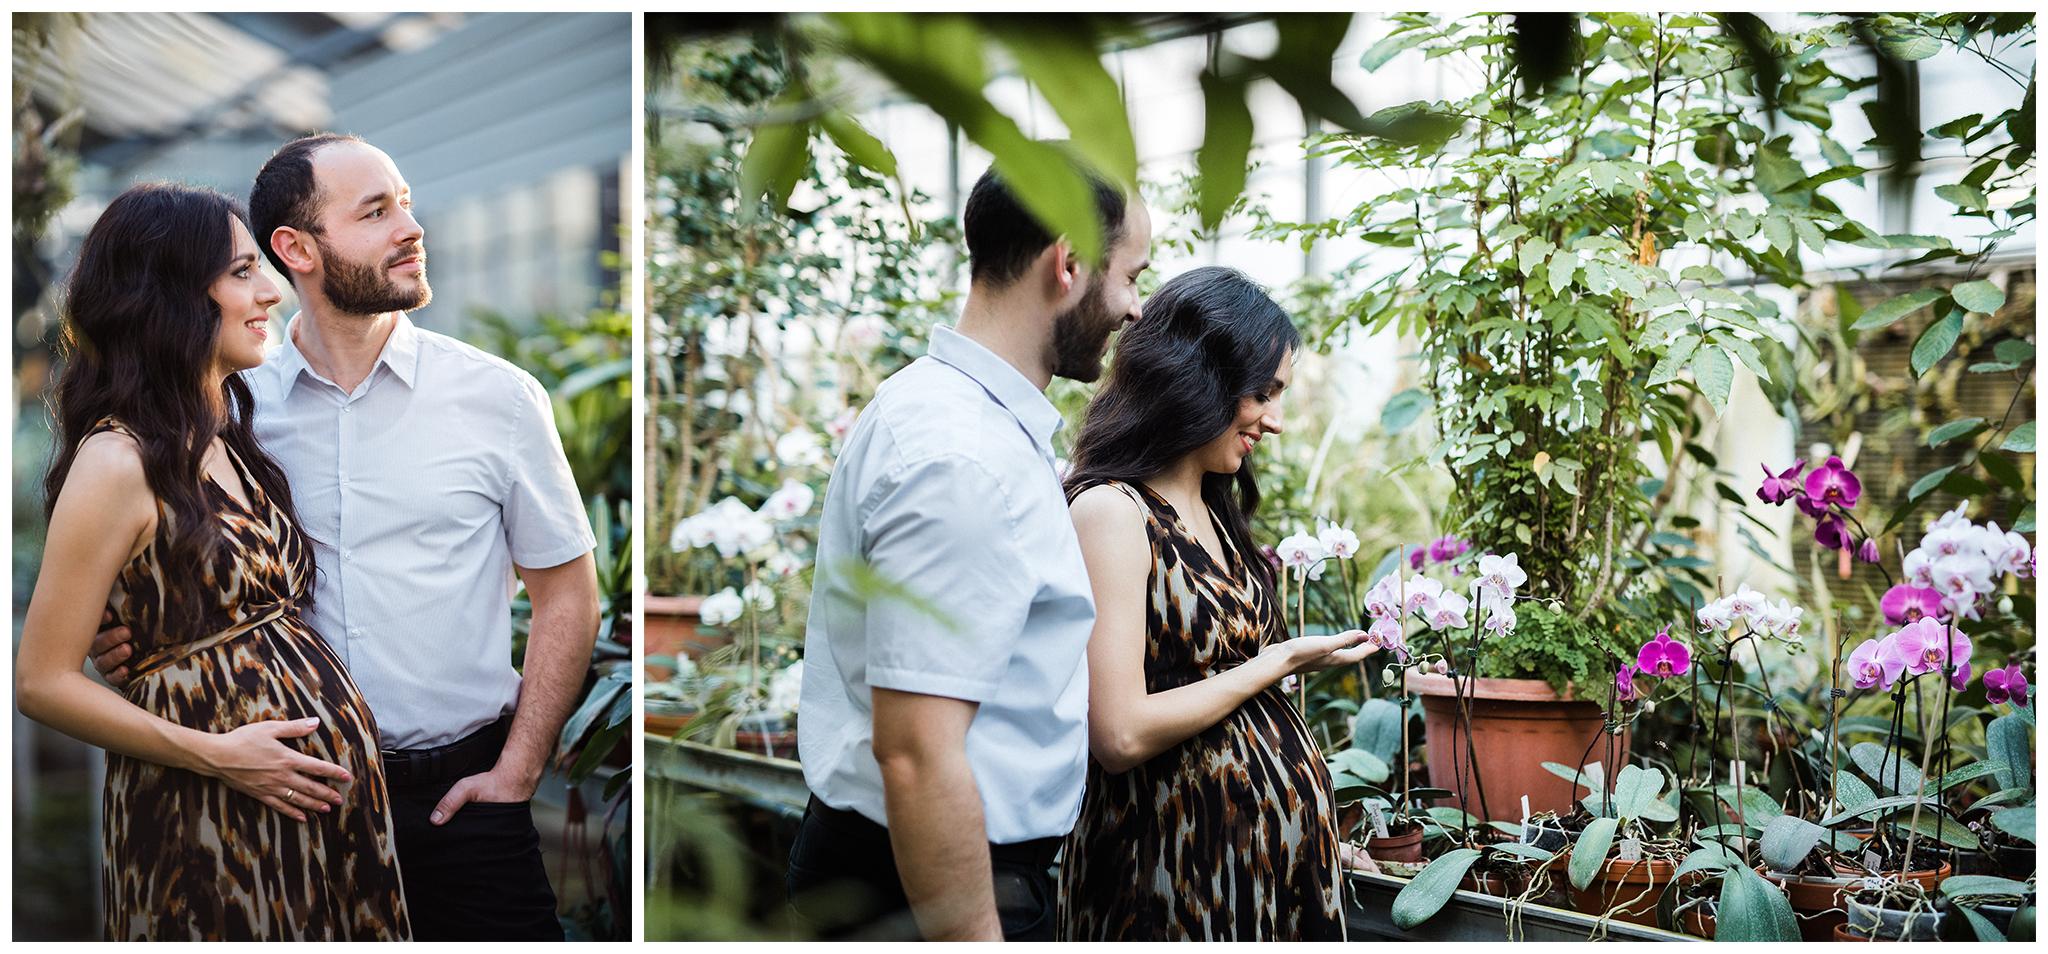 MONT_FylepPhoto, Esküvőfotós Vasmegye, Kismama, pocakfotó, Esküvő fotózás, Esküvői fotós, Körmend, Vas megye, Dunántúl, Budapest, Fülöp Péter, Jegyes fotózás, jegyes, kreatív, kreatívfotózás, Balaton_Ági&Laci,2019_011.jpg